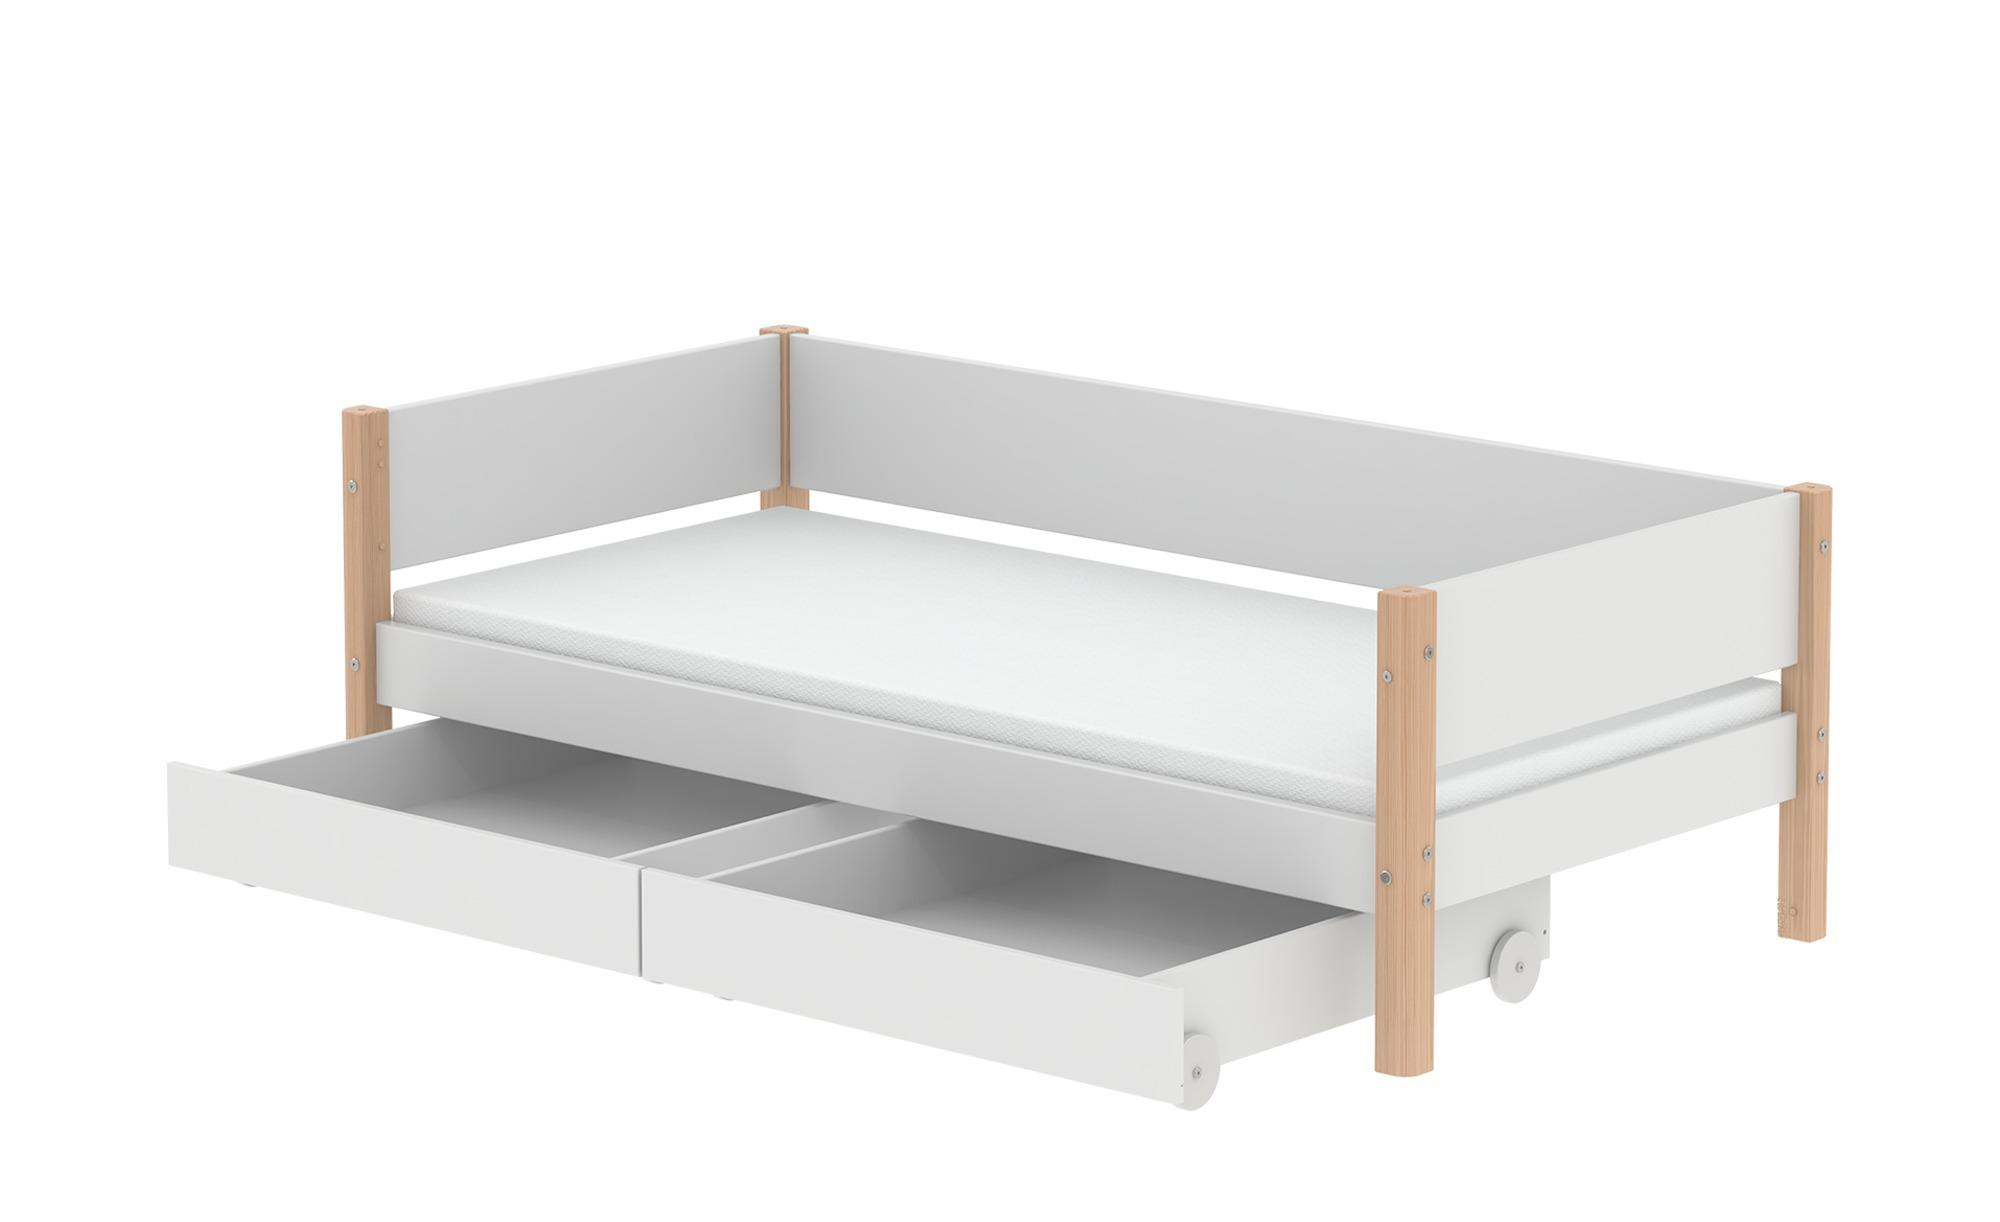 FLEXA Einzelbett mit 2 Schubkästen  Flexa White ¦ weiß ¦ Maße (cm): B: 210 H: 66,5 T: 101 Kindermöbel > Kinderbetten - Höffner